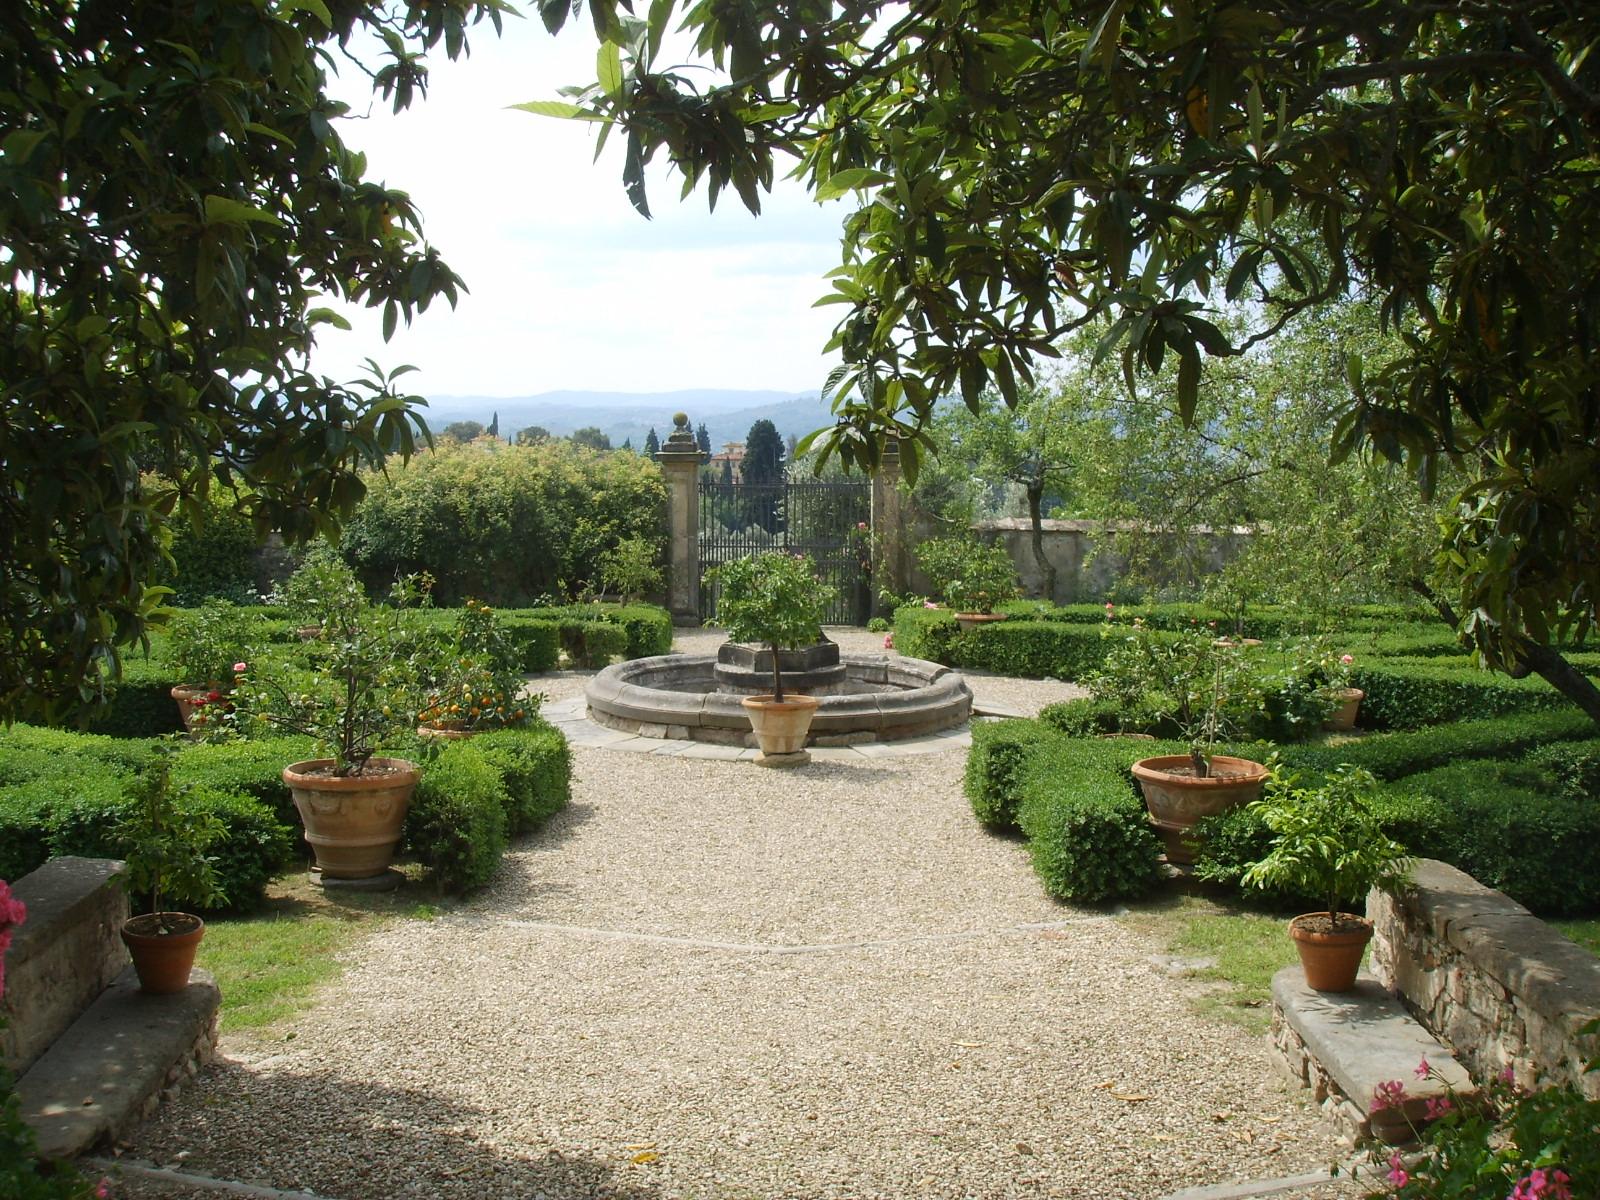 File villa di maiano giardino all 39 italiana 01 jpg - Giardino all italiana ...